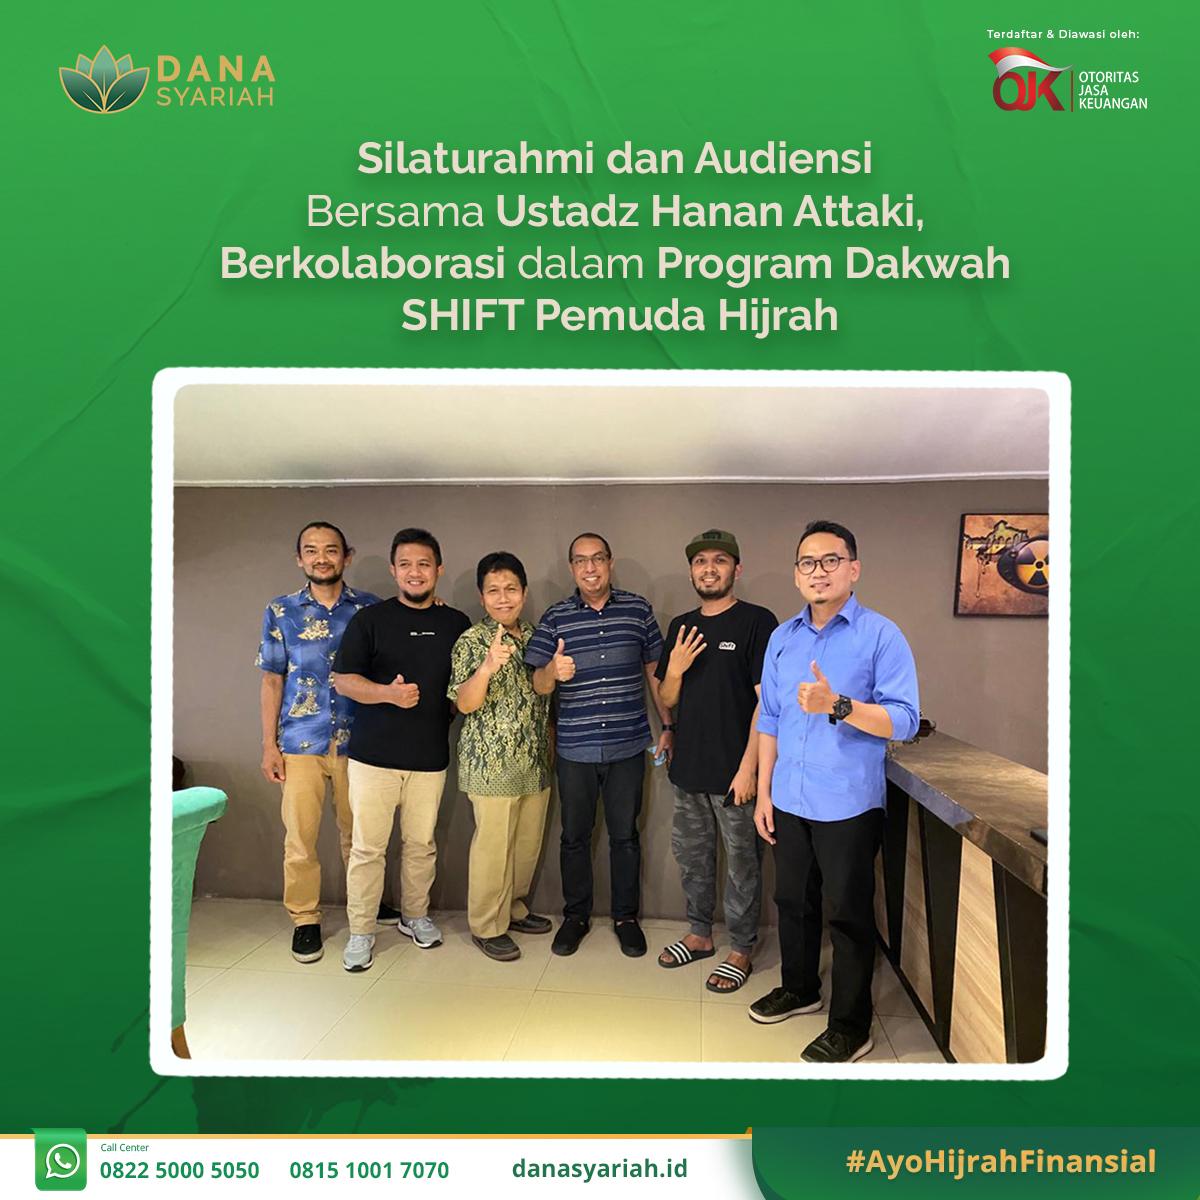 Dana Syariah Silaturahmi dan Audiensi Bersama Ustadz Hanan Attaki, Berkolaborasi dalam Program Dakwah SHIFT Pemuda Hijrah